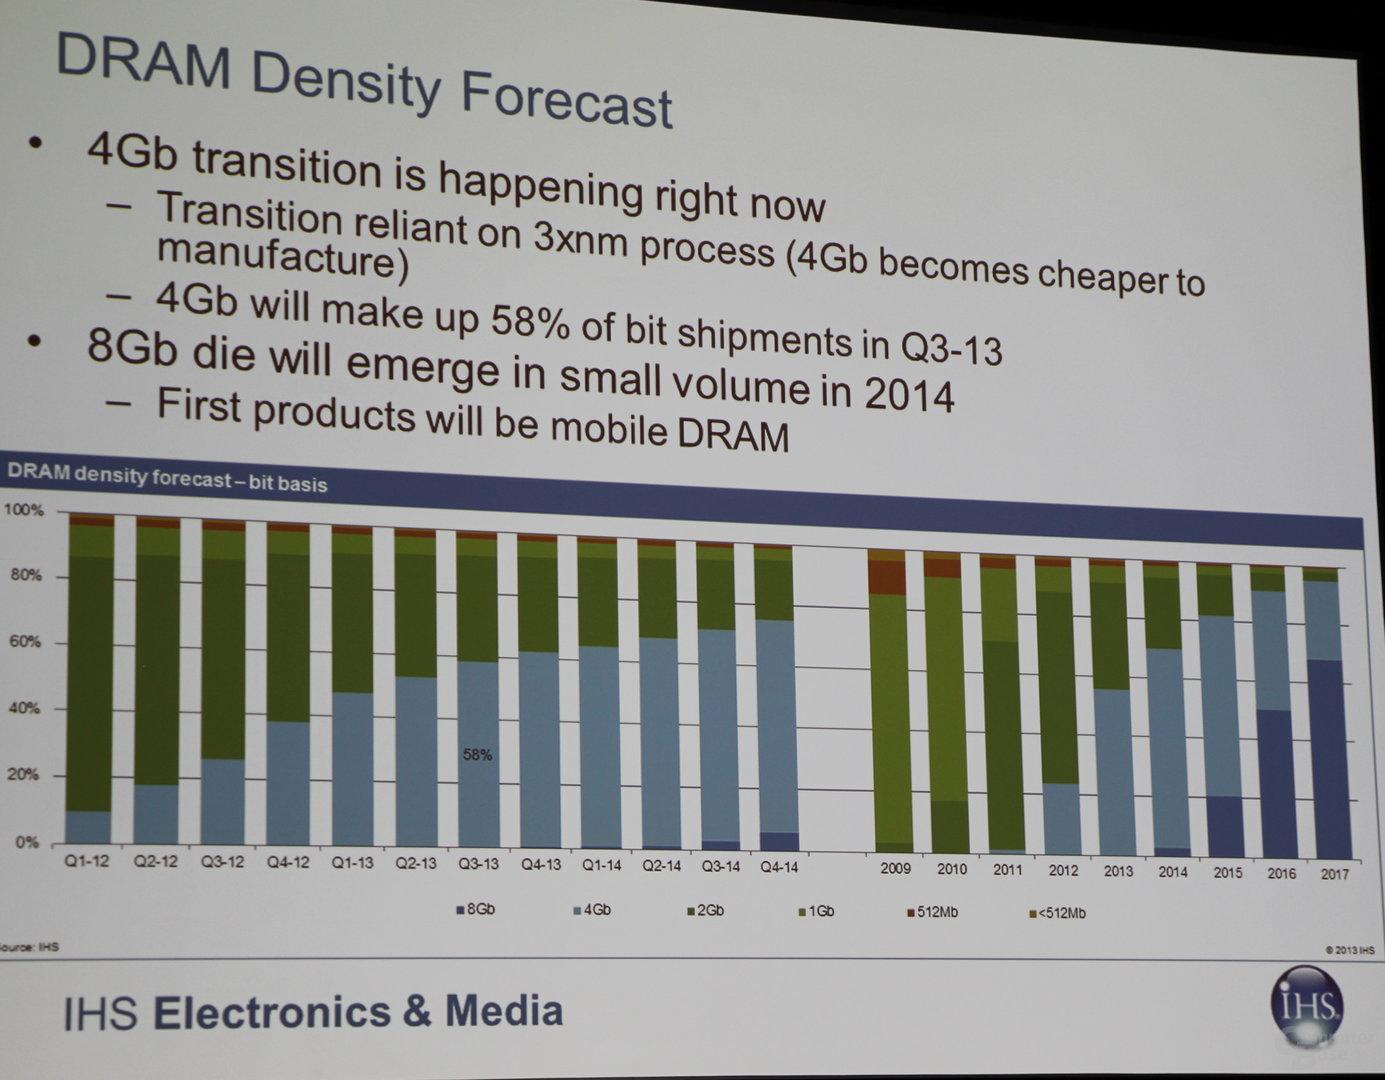 Vorhersagen für DDR4-Speicher